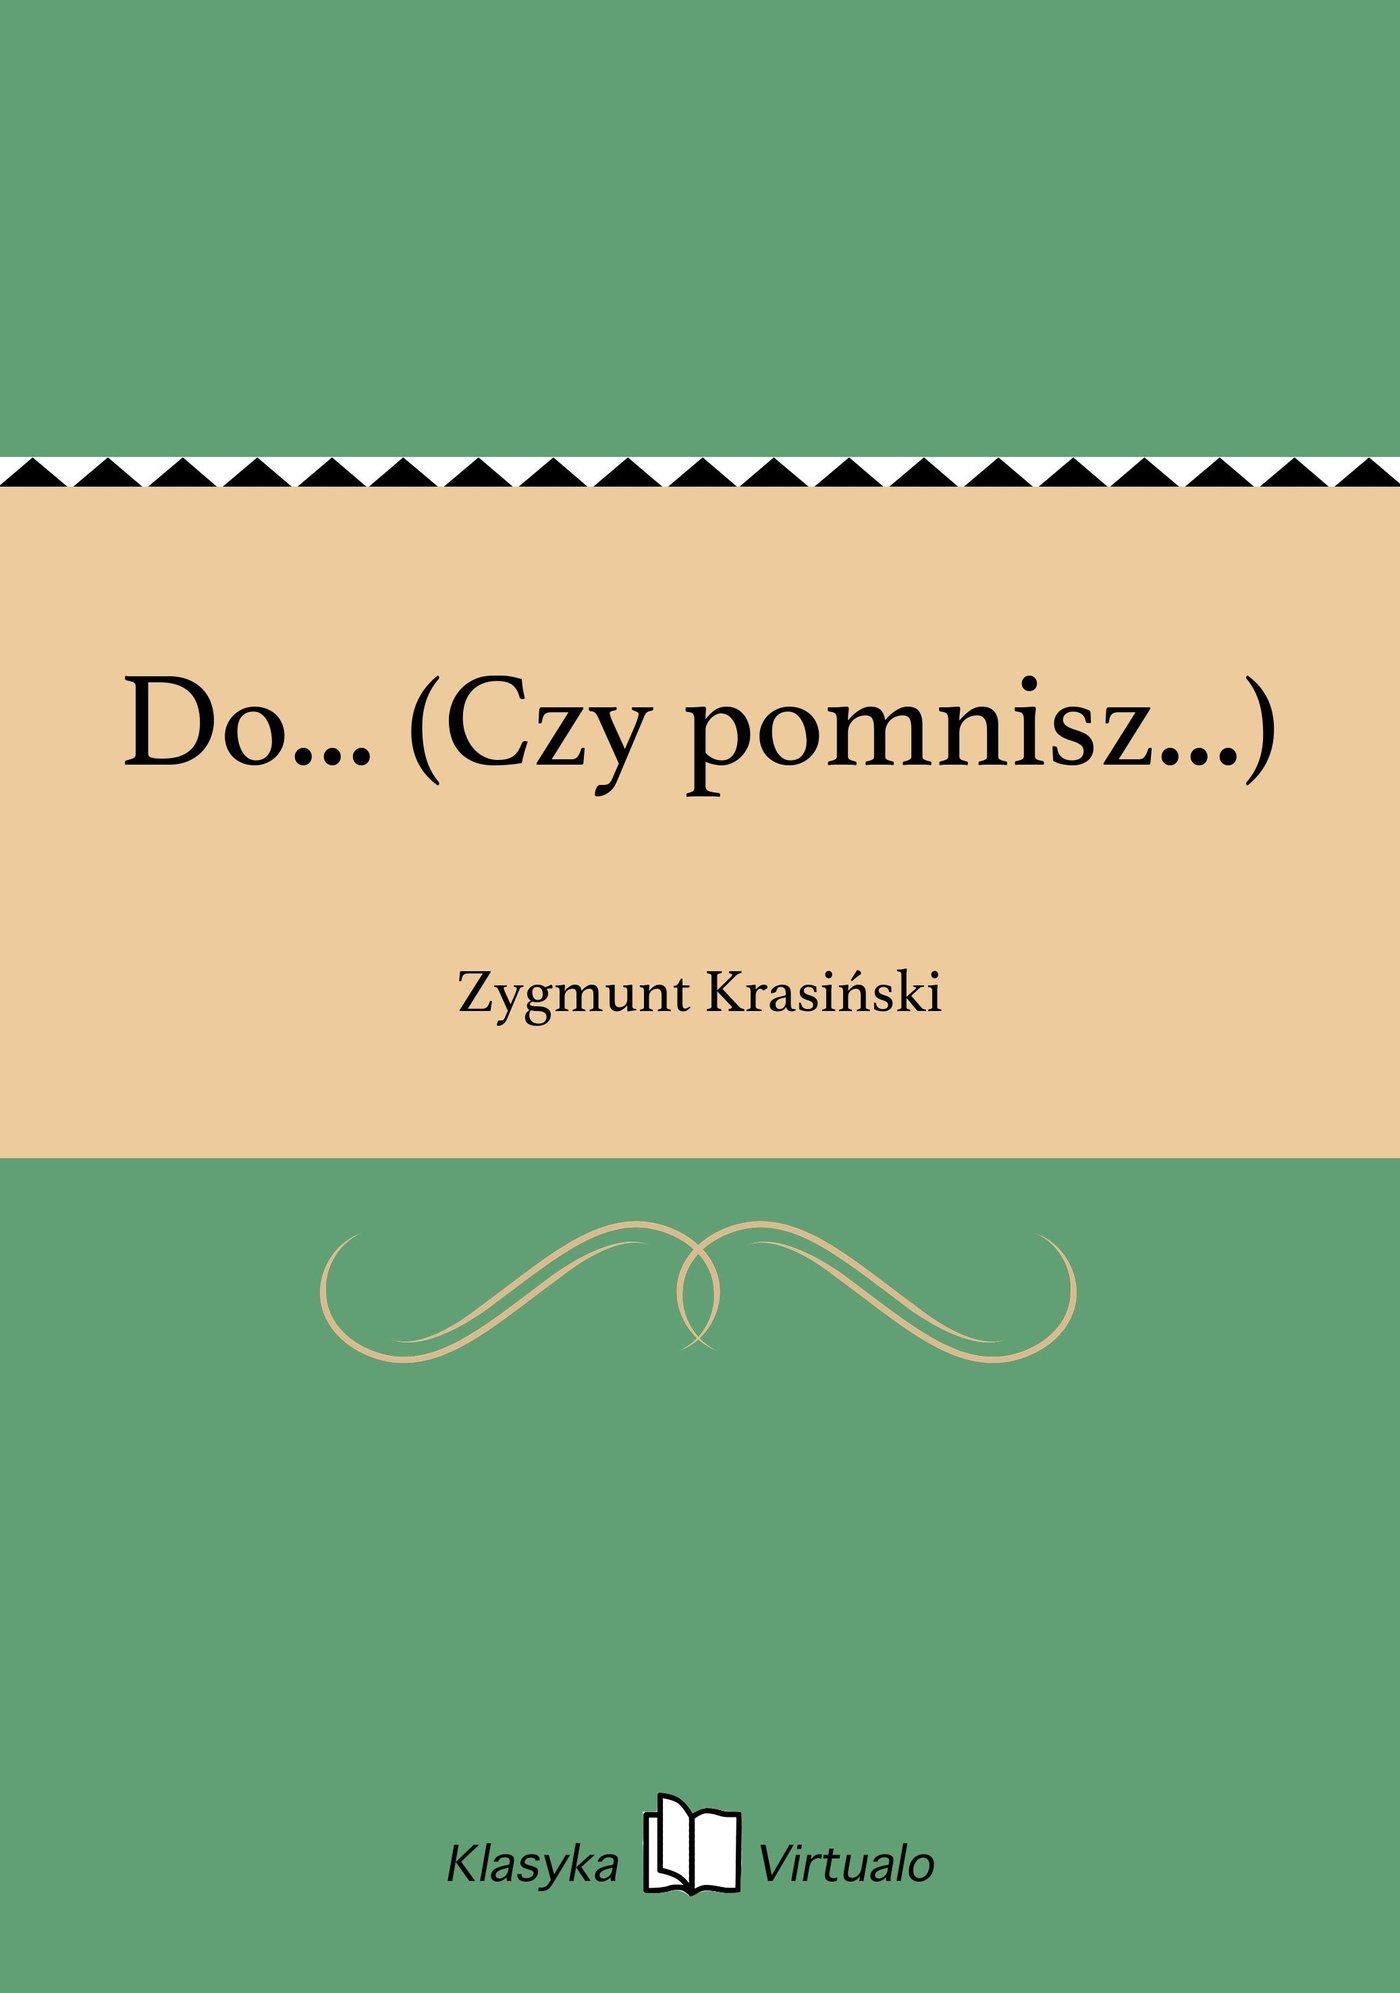 Do... (Czy pomnisz...) - Ebook (Książka na Kindle) do pobrania w formacie MOBI